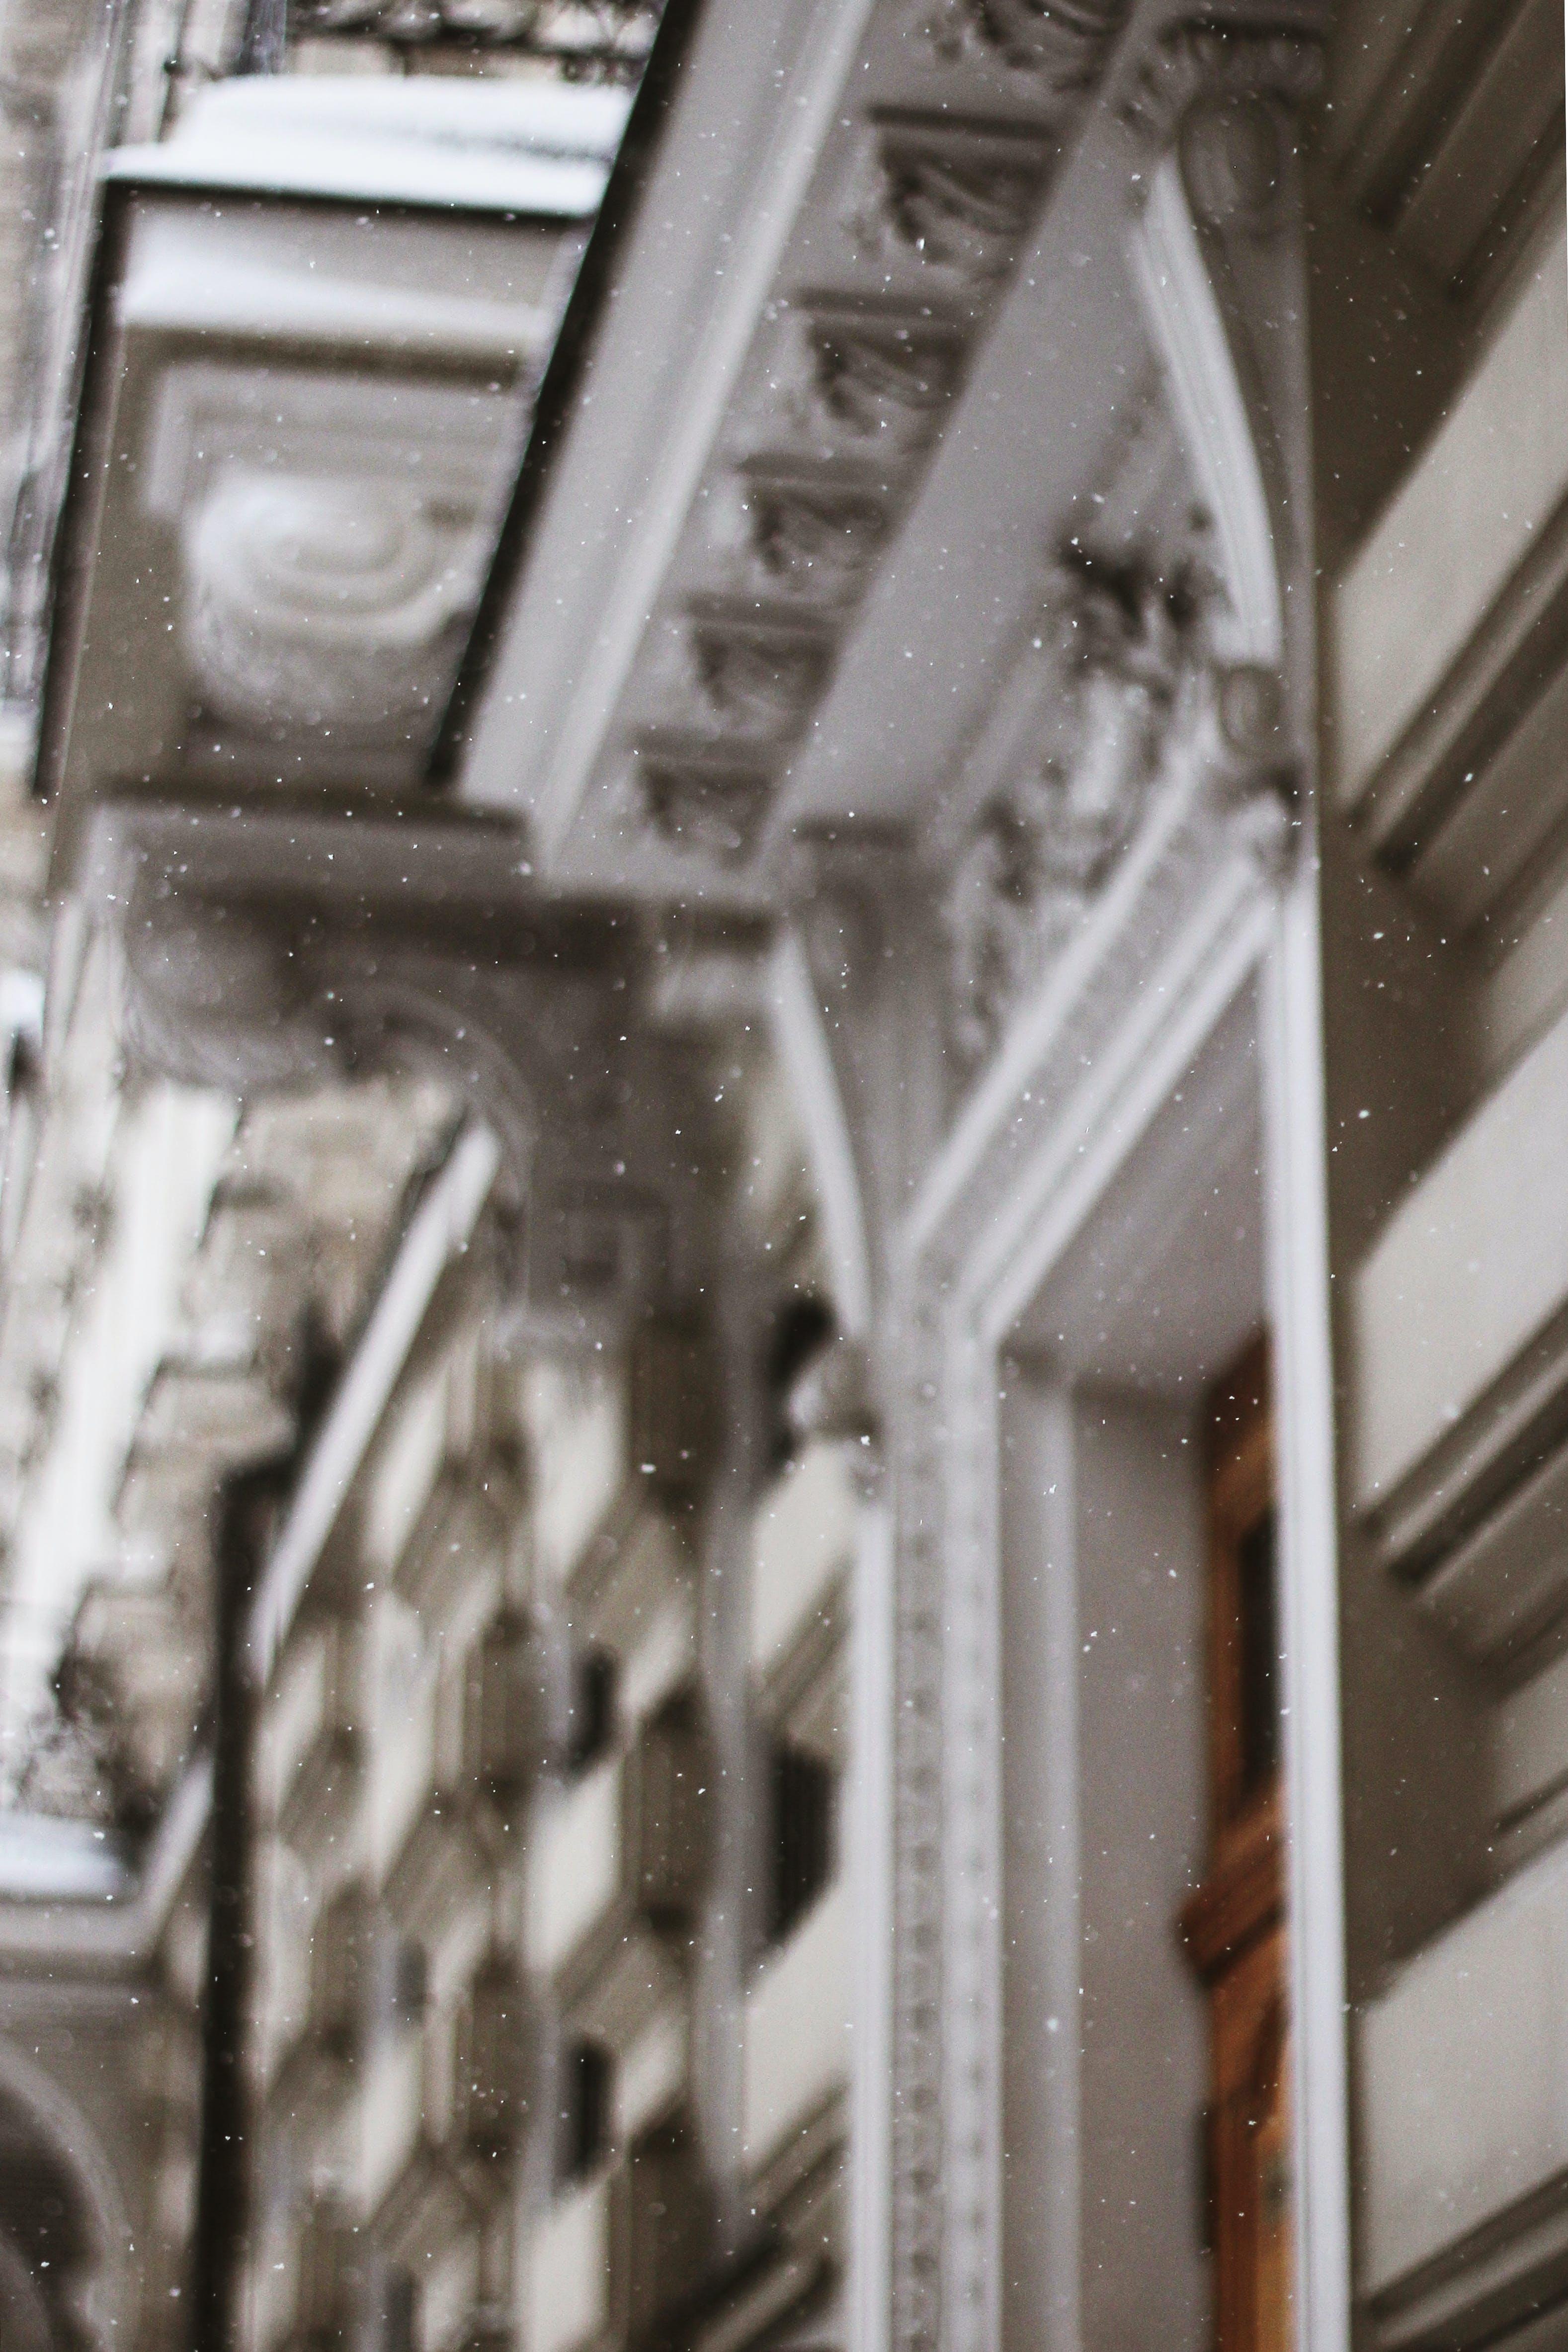 Kostenloses Stock Foto zu architektur, architekturdesign, aufnahme von unten, decke